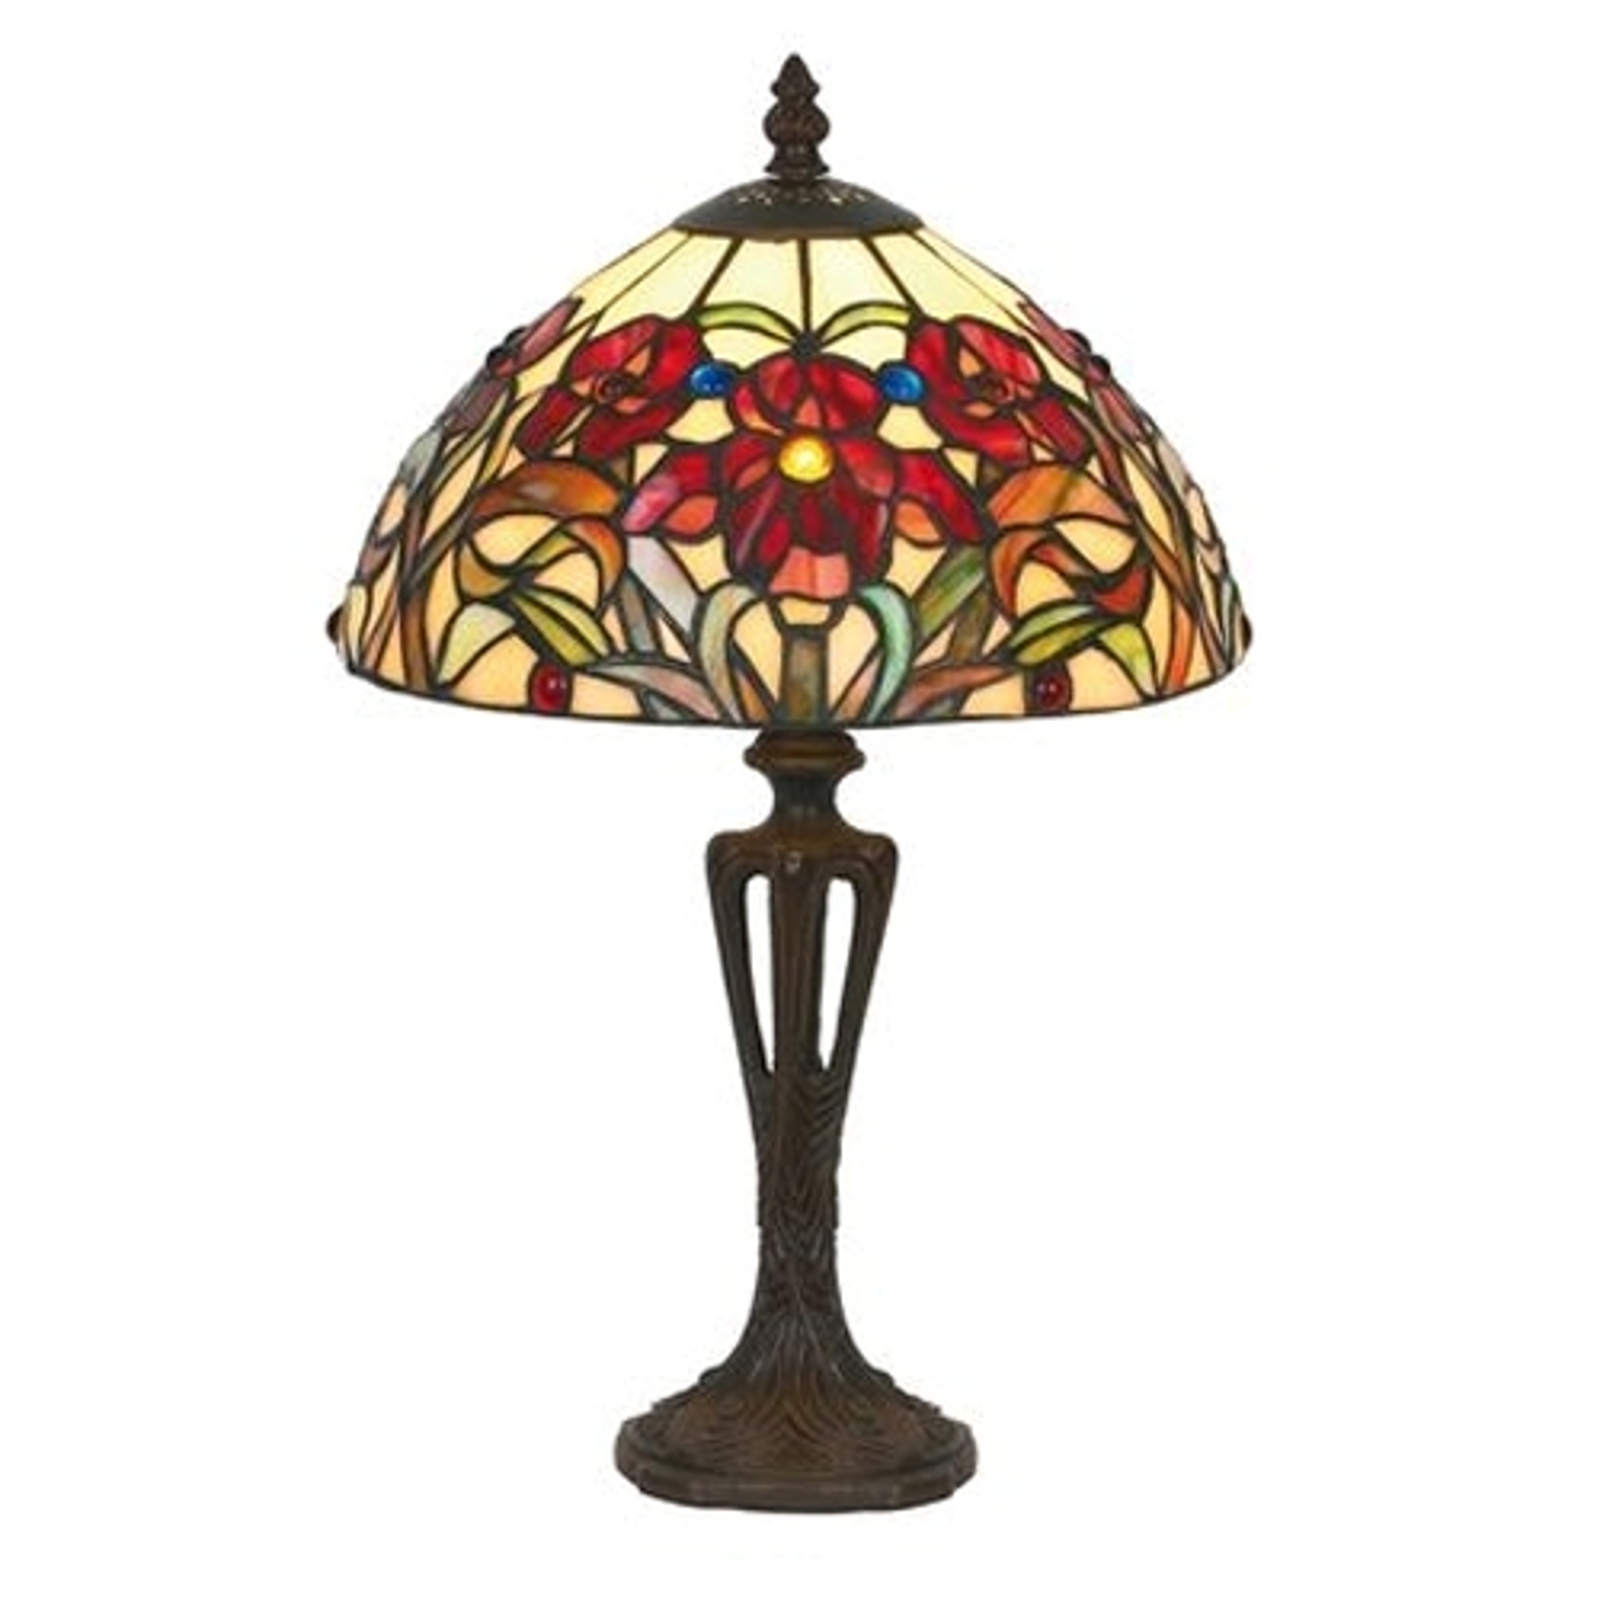 ELINE klasická Tiffany styl stolní lampa 40 cm